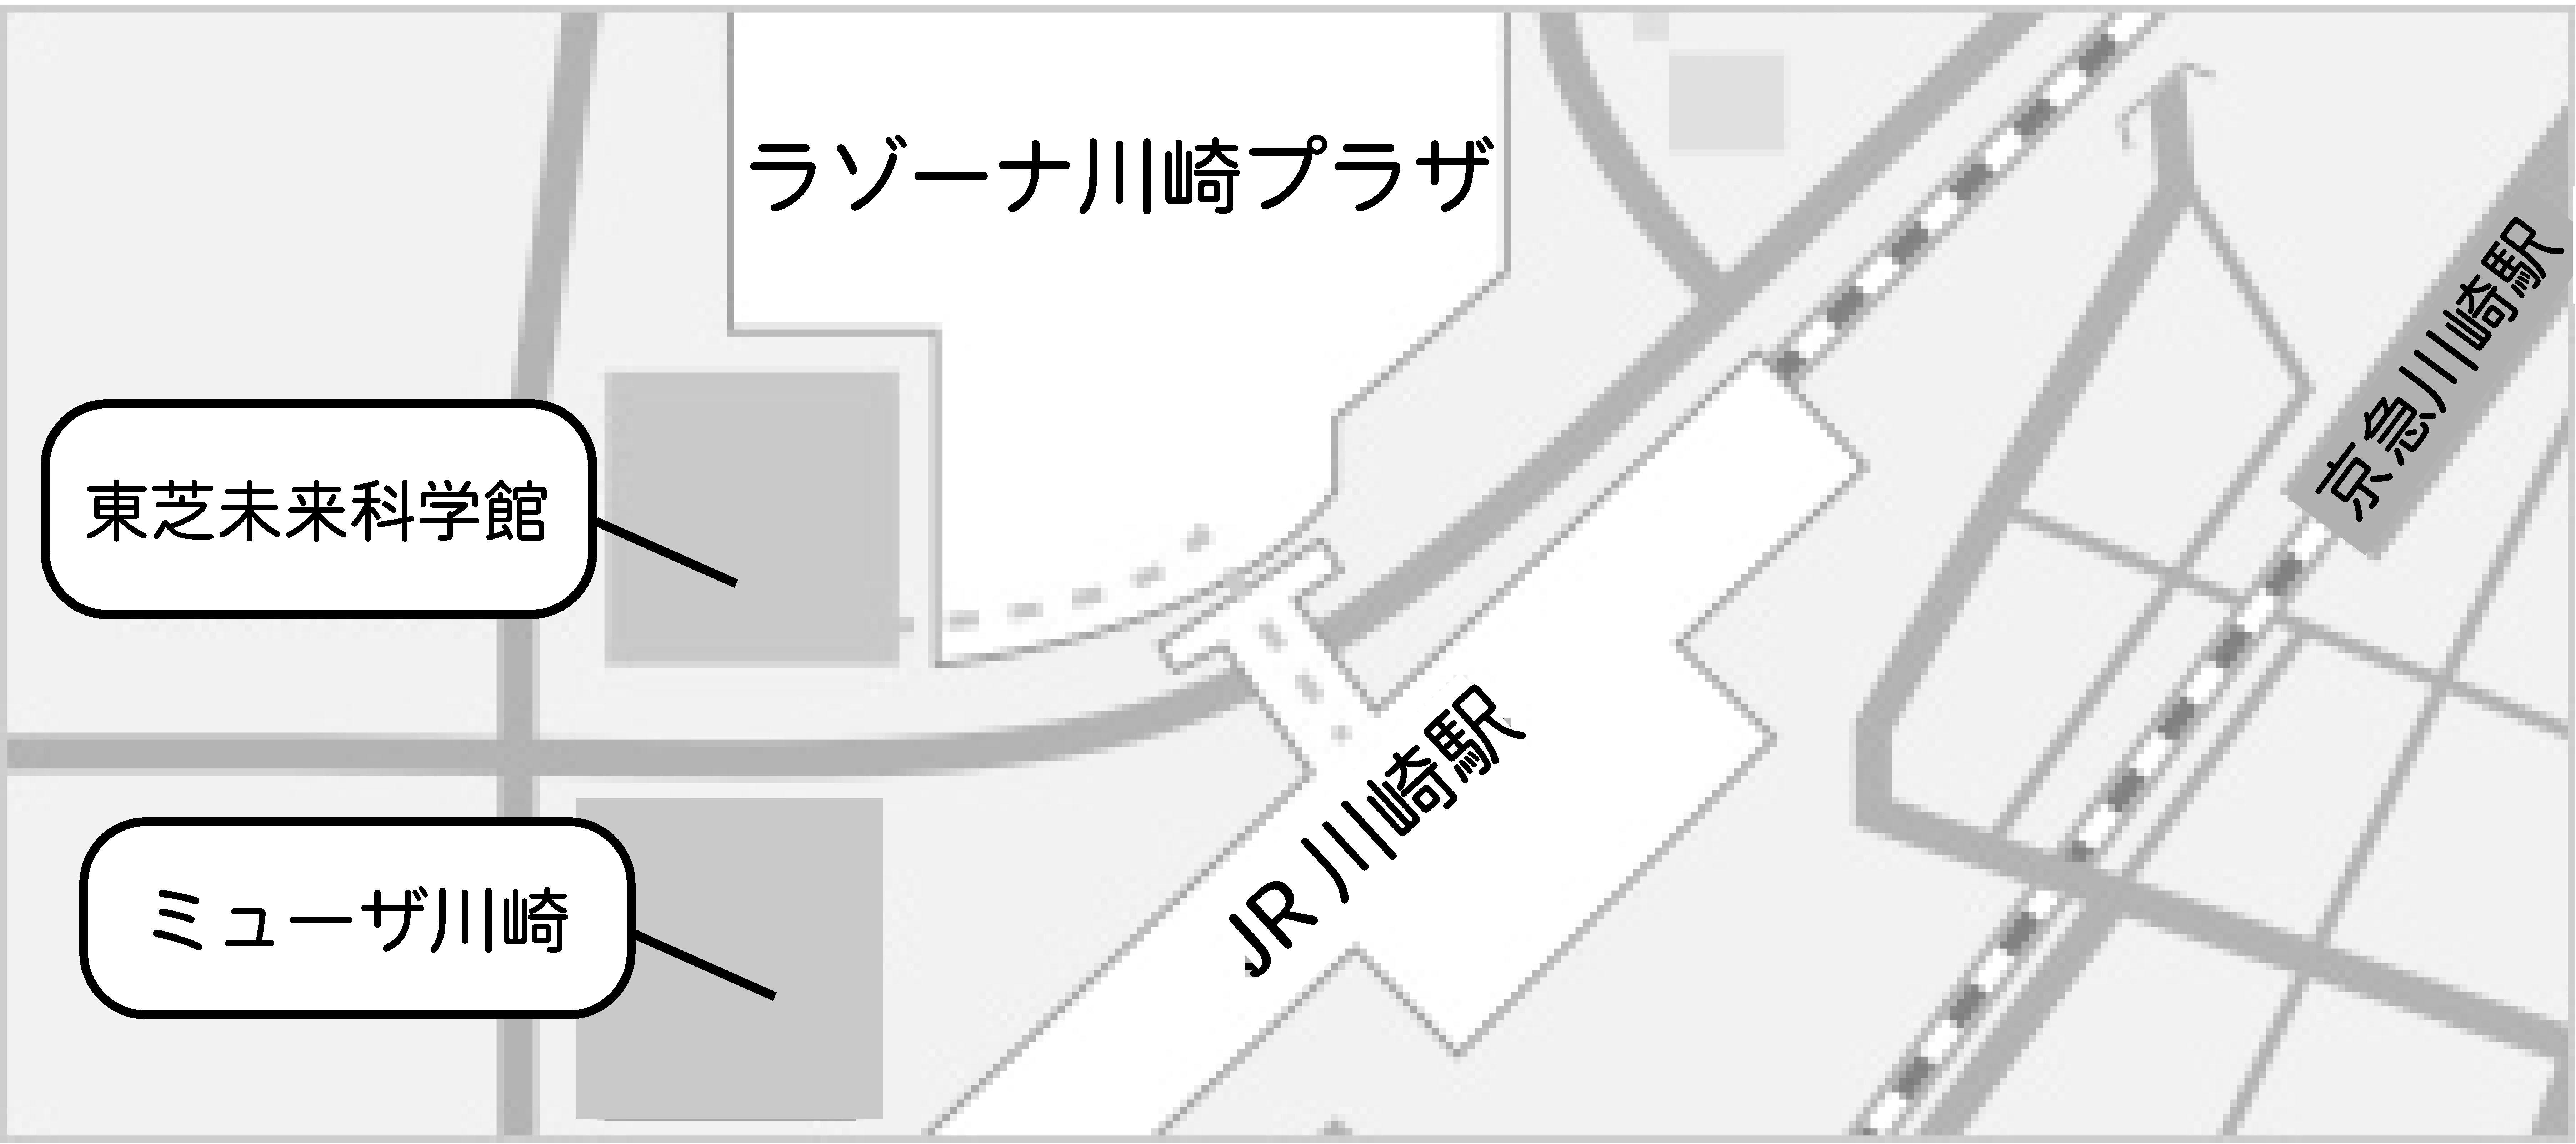 東京理科大学が6月16・17日に第13回サイエンスフェア「みらい研究室~科学へのトビラ~」を開催 -- 学生が主催する小・中学生向け科学体験イベント